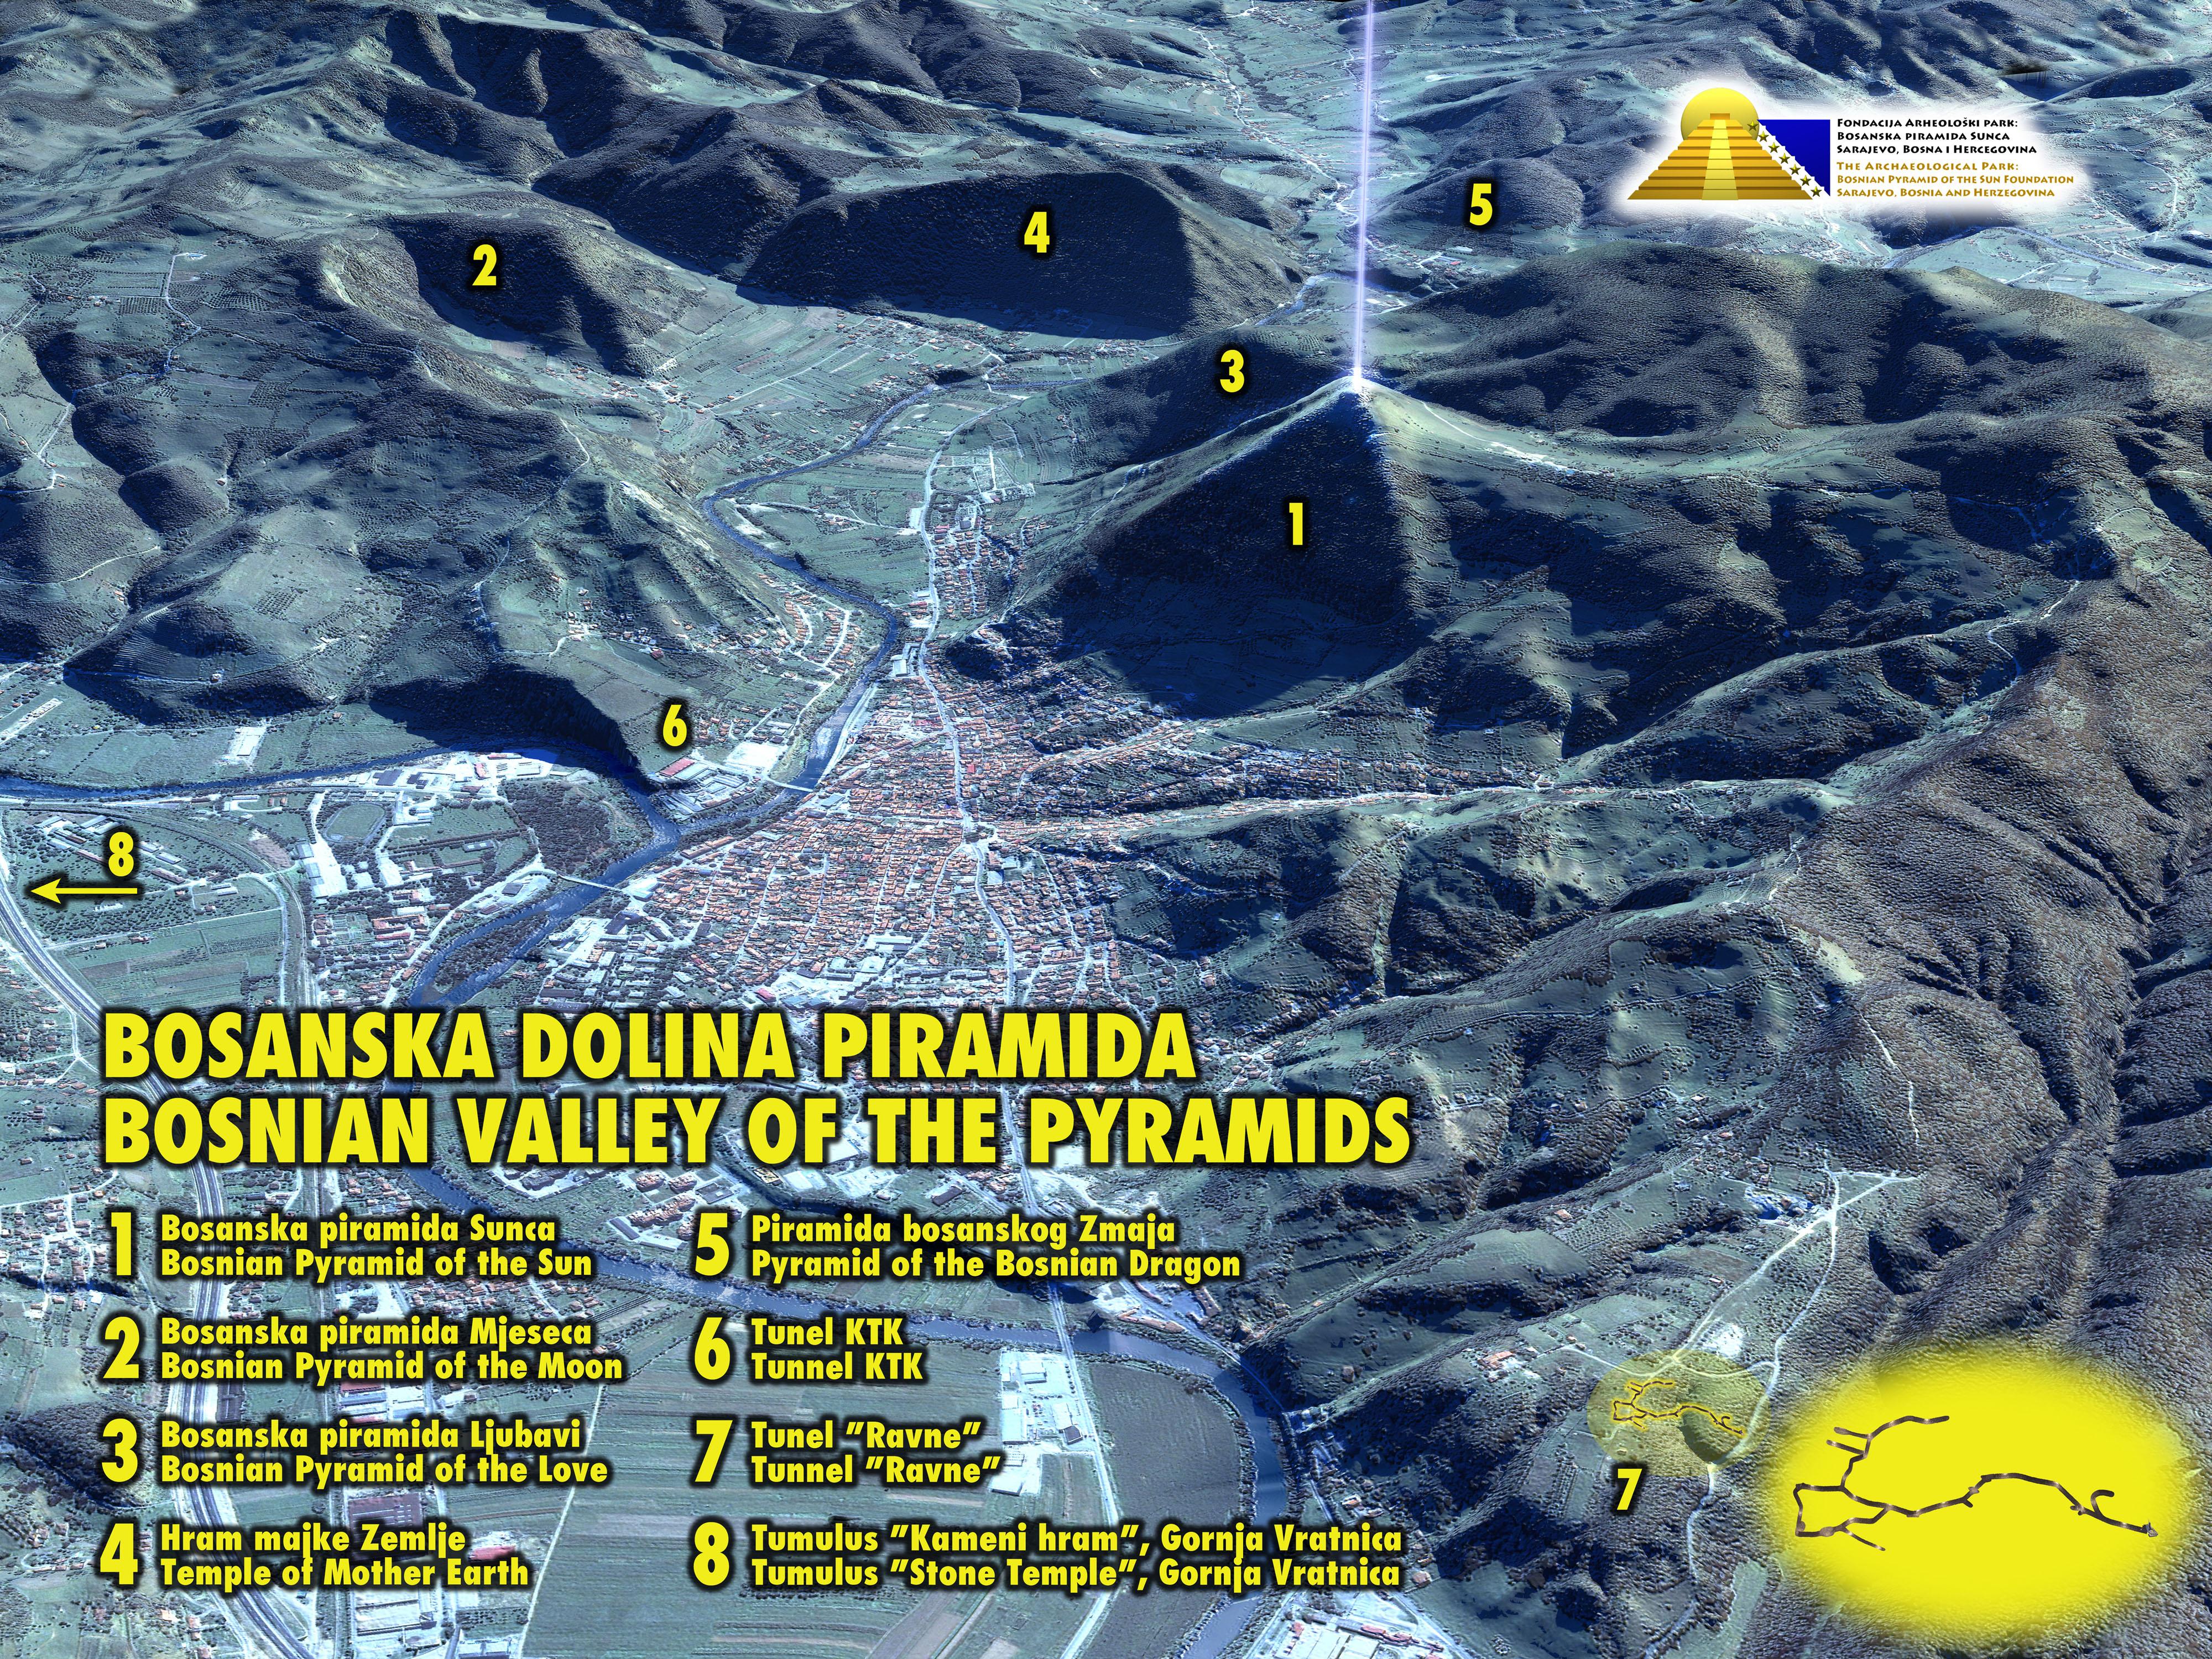 dolina piramida mapa01